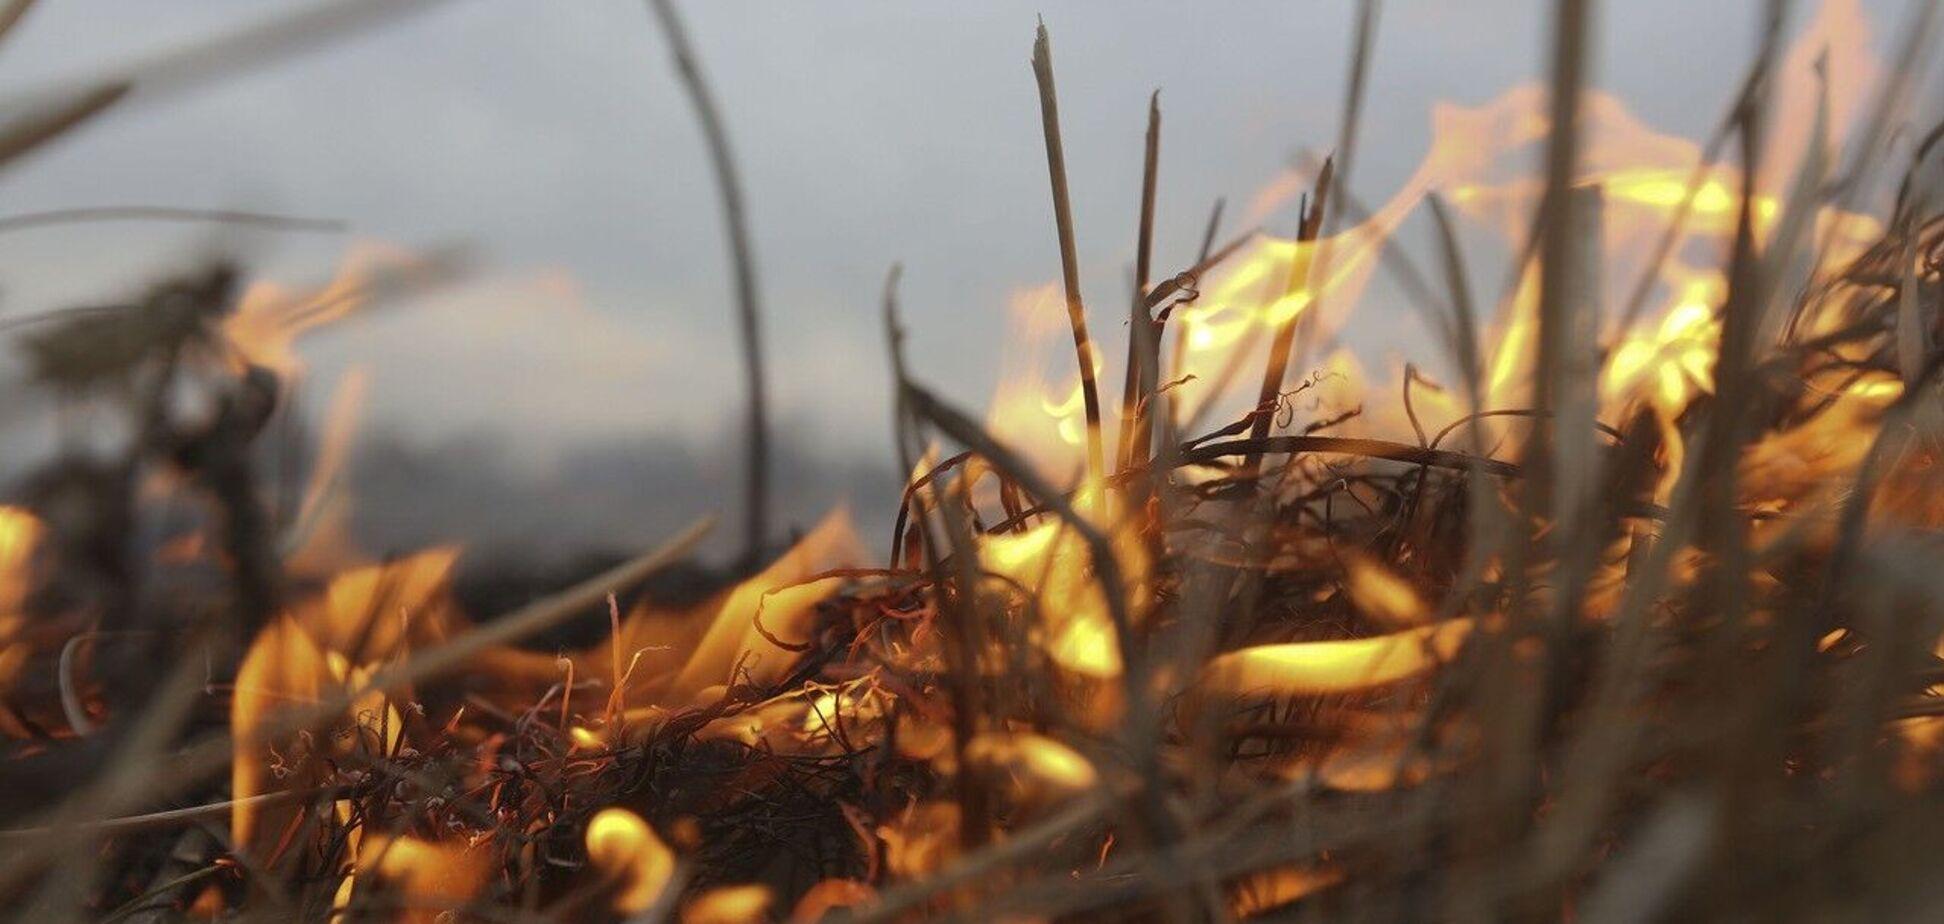 Взрыв произошел во время сжигания листвы